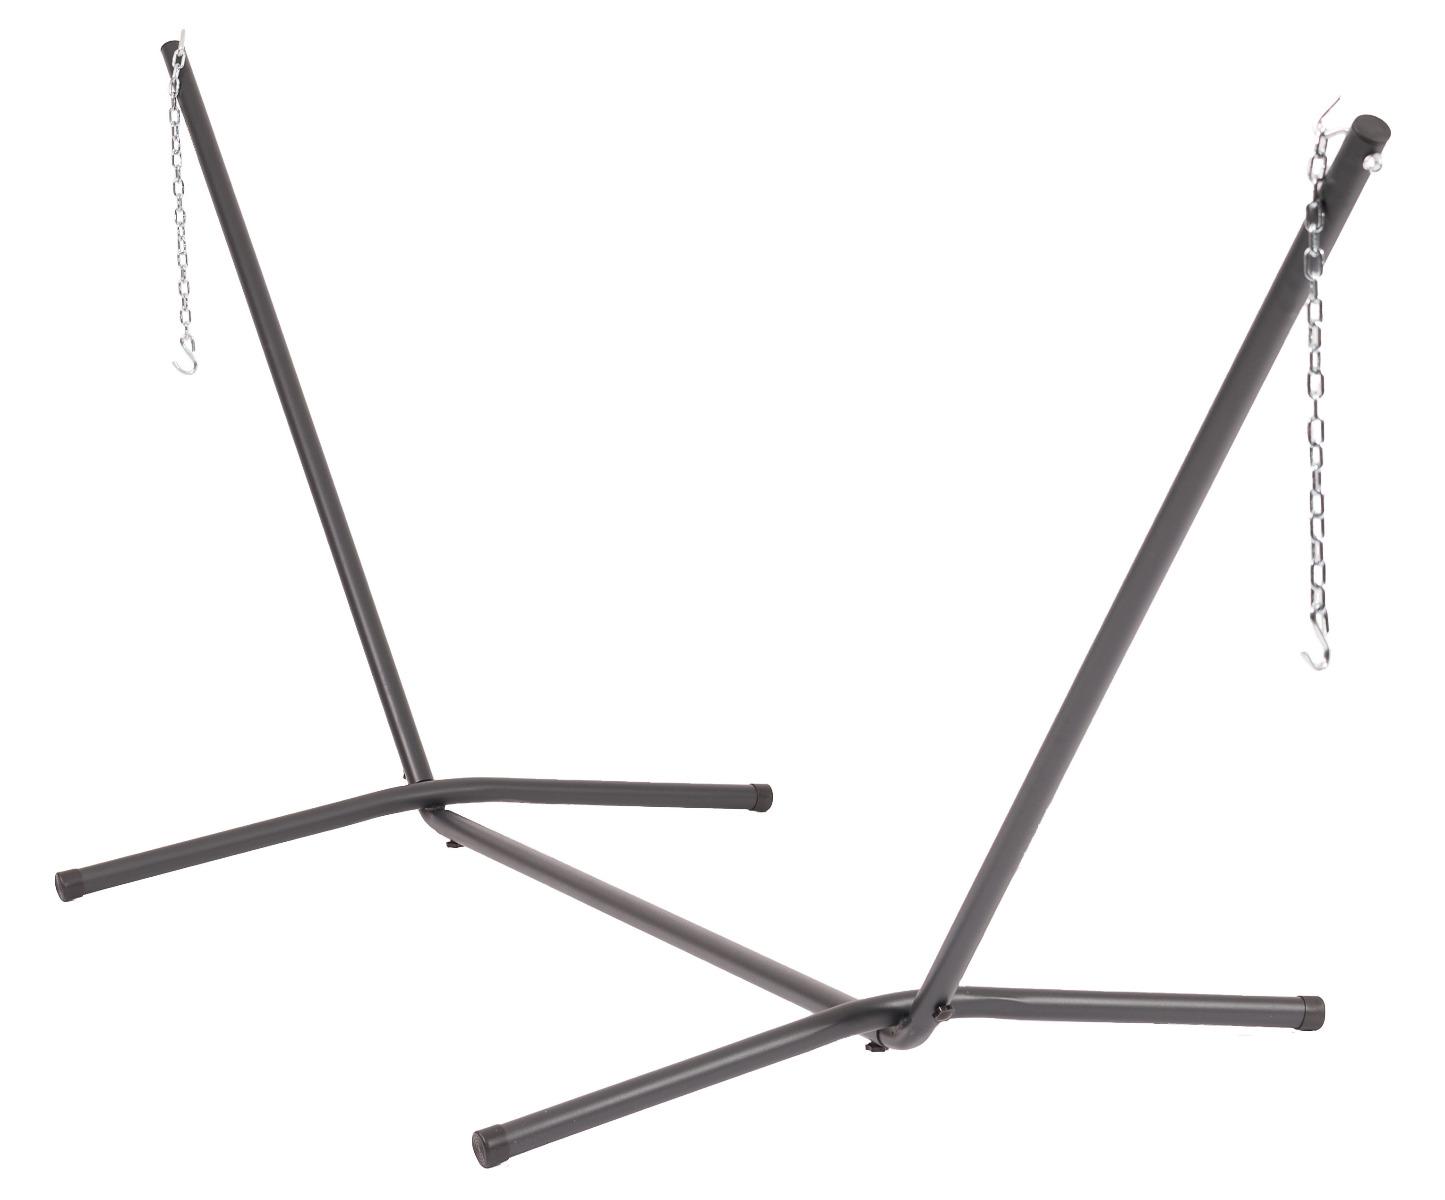 """Zwart Hangmatten > Hangmatstandaarden  kopen """" /></p> <p>Van onze drie hangmatstandaarden met de naam Easy, is deze familie standaard de grootste variant. Deze in ophang lengte verstelbare hangmatstandaard is te gebruiken voor alle familie hangmatten in ons assortiment. Handig! De standaard is eenvoudig te monteren zonder hulp van gereedschap. Om de invloeden van het weer te beperken, is de standaard voorzien van een poeder-coating van hoge kwaliteit. Deze stevige hangmatstandaard kan tot 180 kg dragen.</p> <h2> Tropilex </h2> <p>Zwart<br /> Ean 8719689415648<br /> SKU TR-0330302</p> <p>Gemaakt van  Metaal </p> <p>Levertijd : 1 werkdag</p> <p>1</p> <h3> <p>1</p> </h3> <p>Tropilex<br /> Gewicht van Hangmatstandaard Familie Easy: 18 KG</p> <p>Zwart</p> <p>EUR</p> <p>Metaal</p> <p>Standaard</p> <p>Actieprijs vandaag : 139.00 Euro</p> <p><a href="""